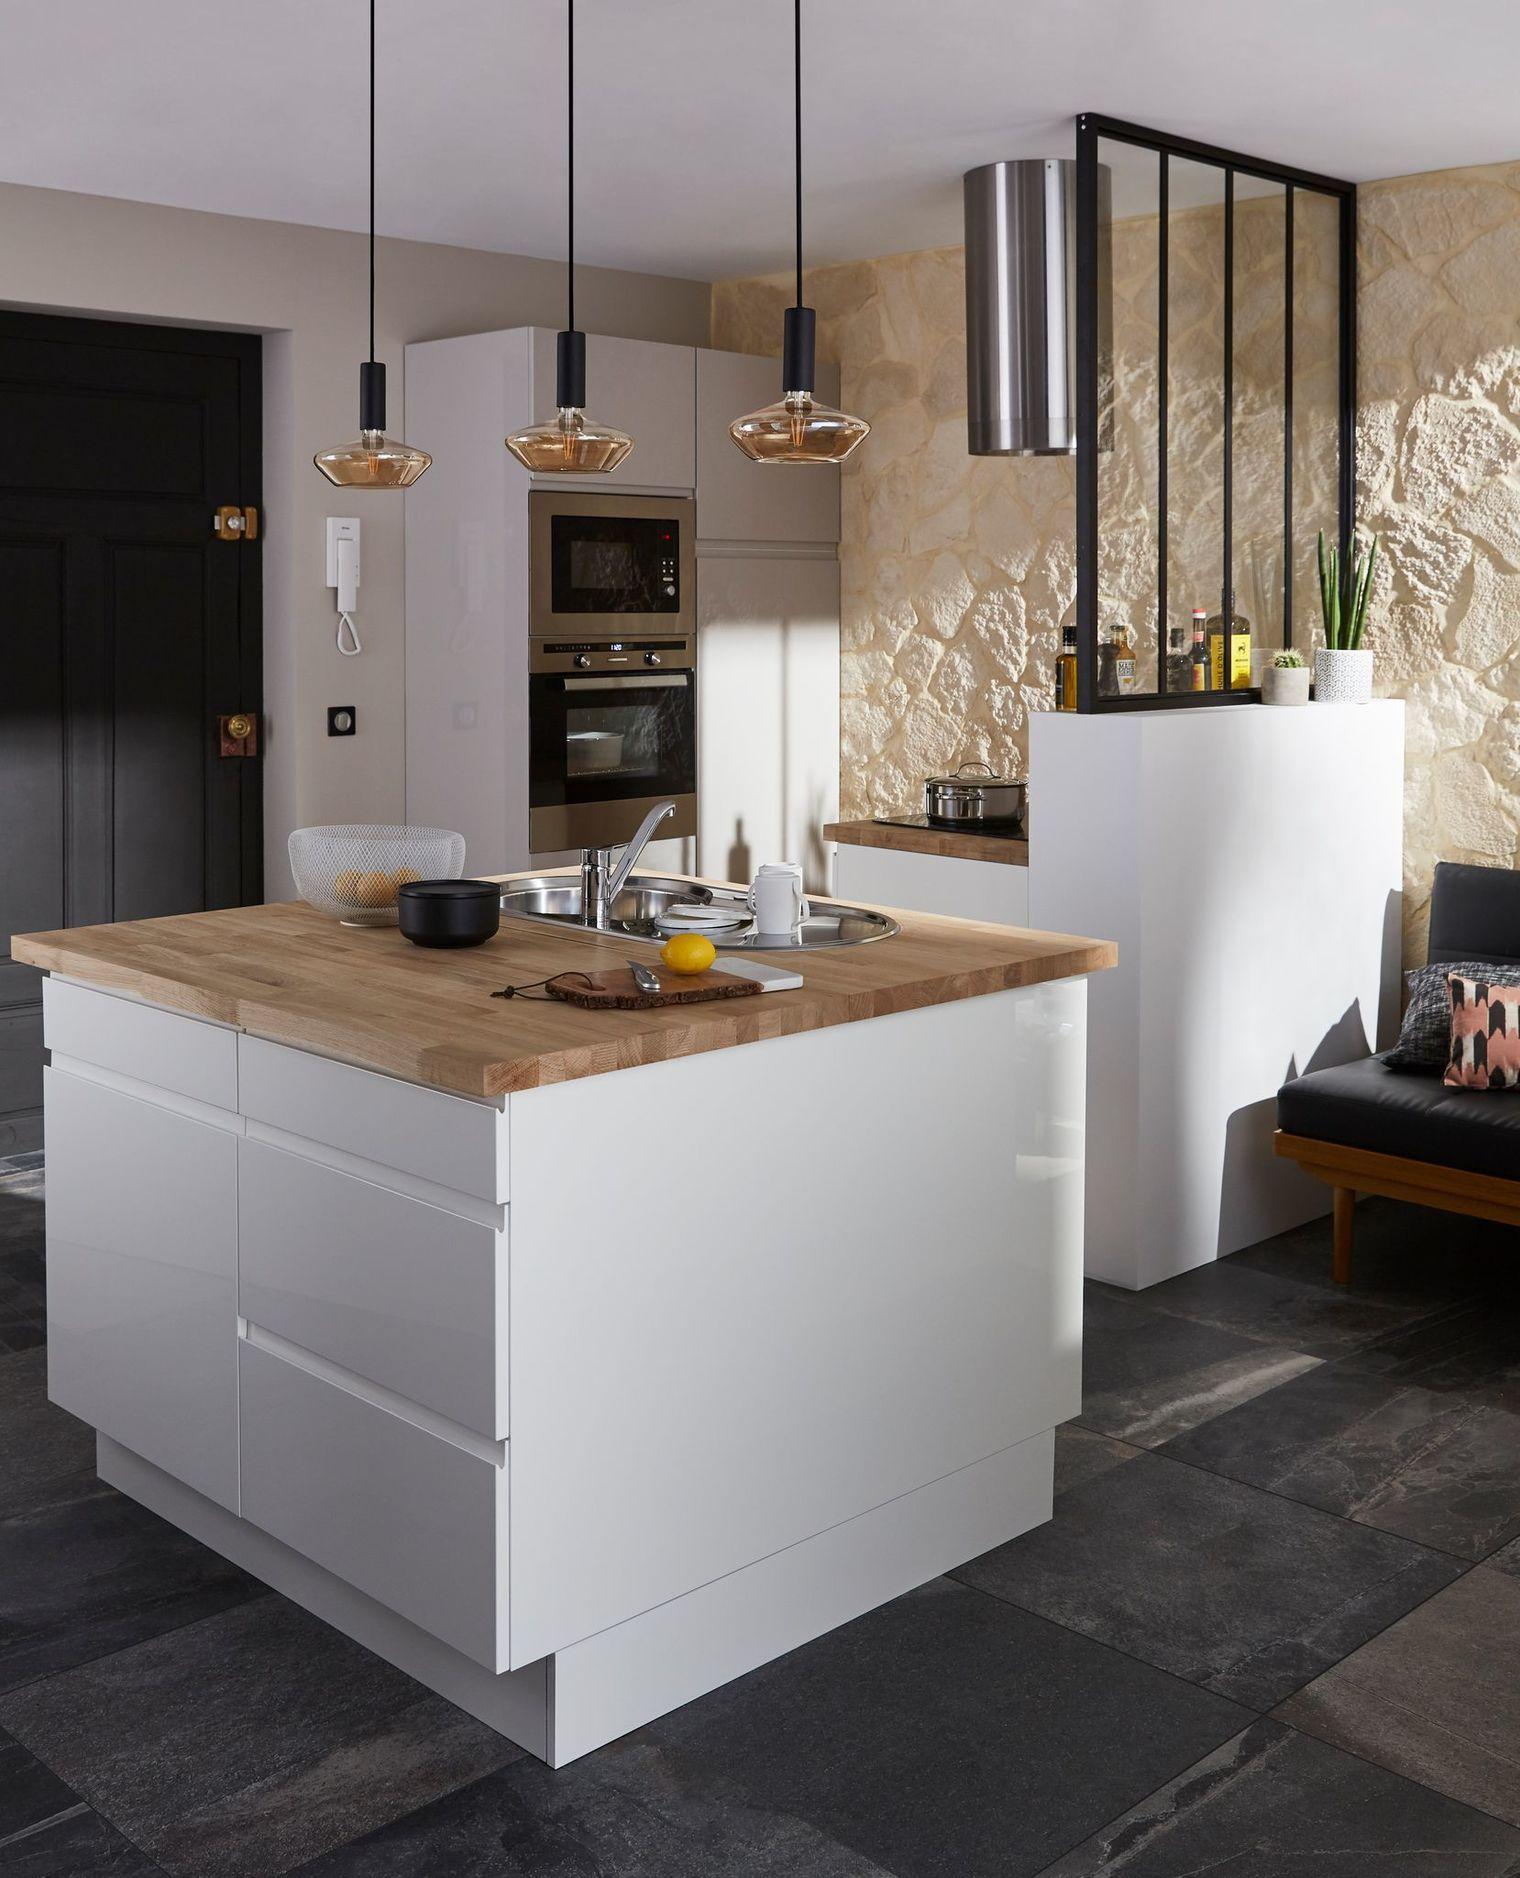 Epaisseur Caisson Cuisine Ikea cuisine ouverte : 15 modèles de cuisiniste | cuisine ouverte